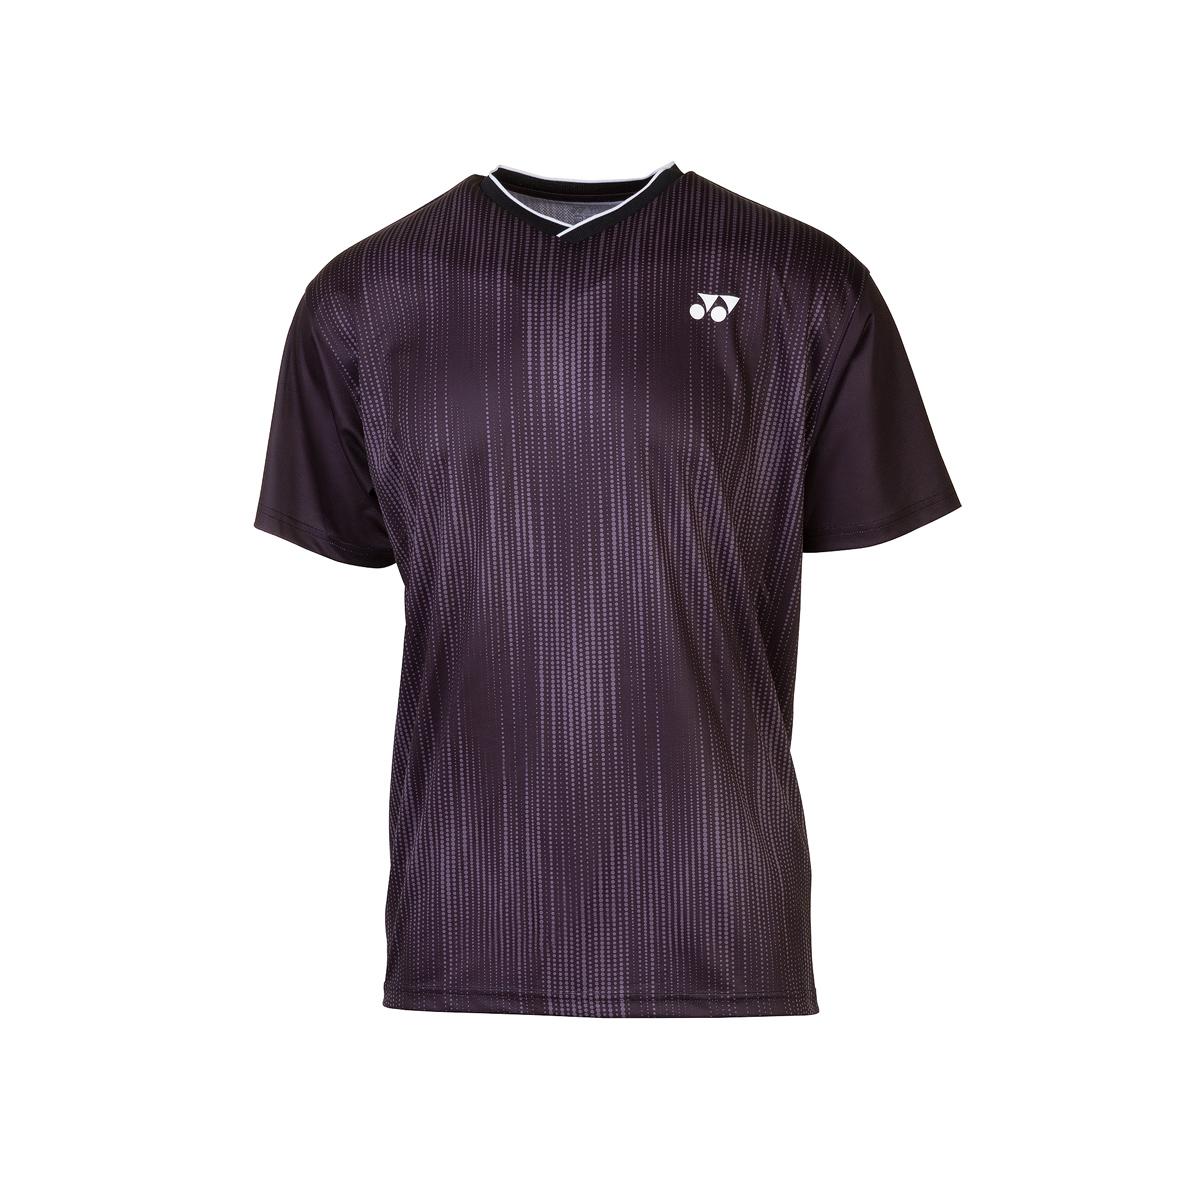 Men's Crew Neck Shirt Modell 2021Detailbild - 4